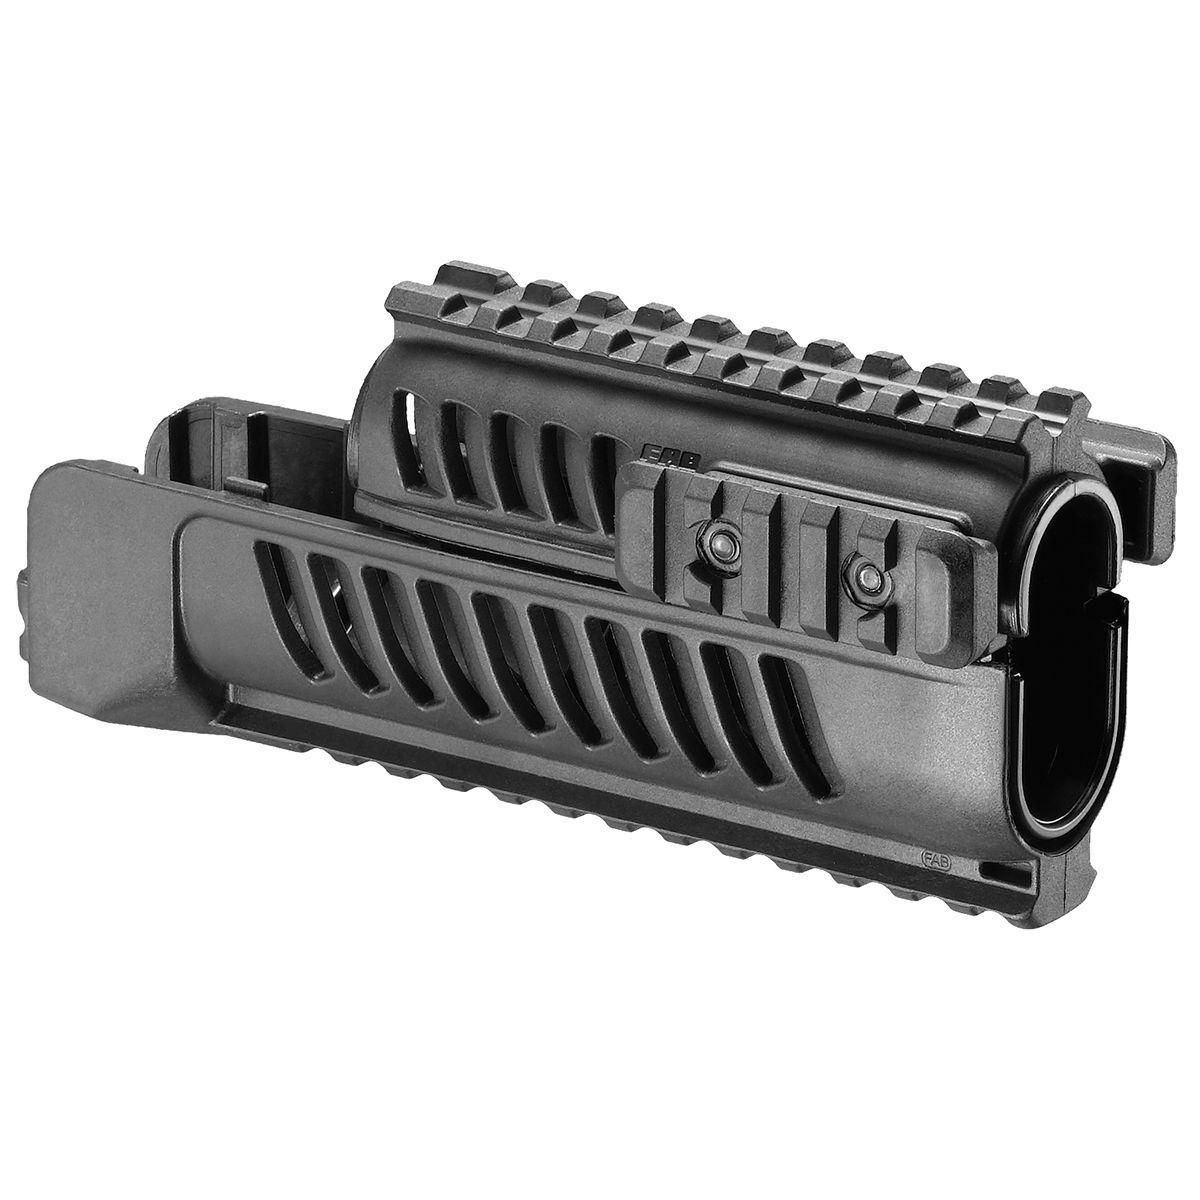 FAB Defense VZ polímero Quad Rail Projoectores Todos Los Colors SA-58